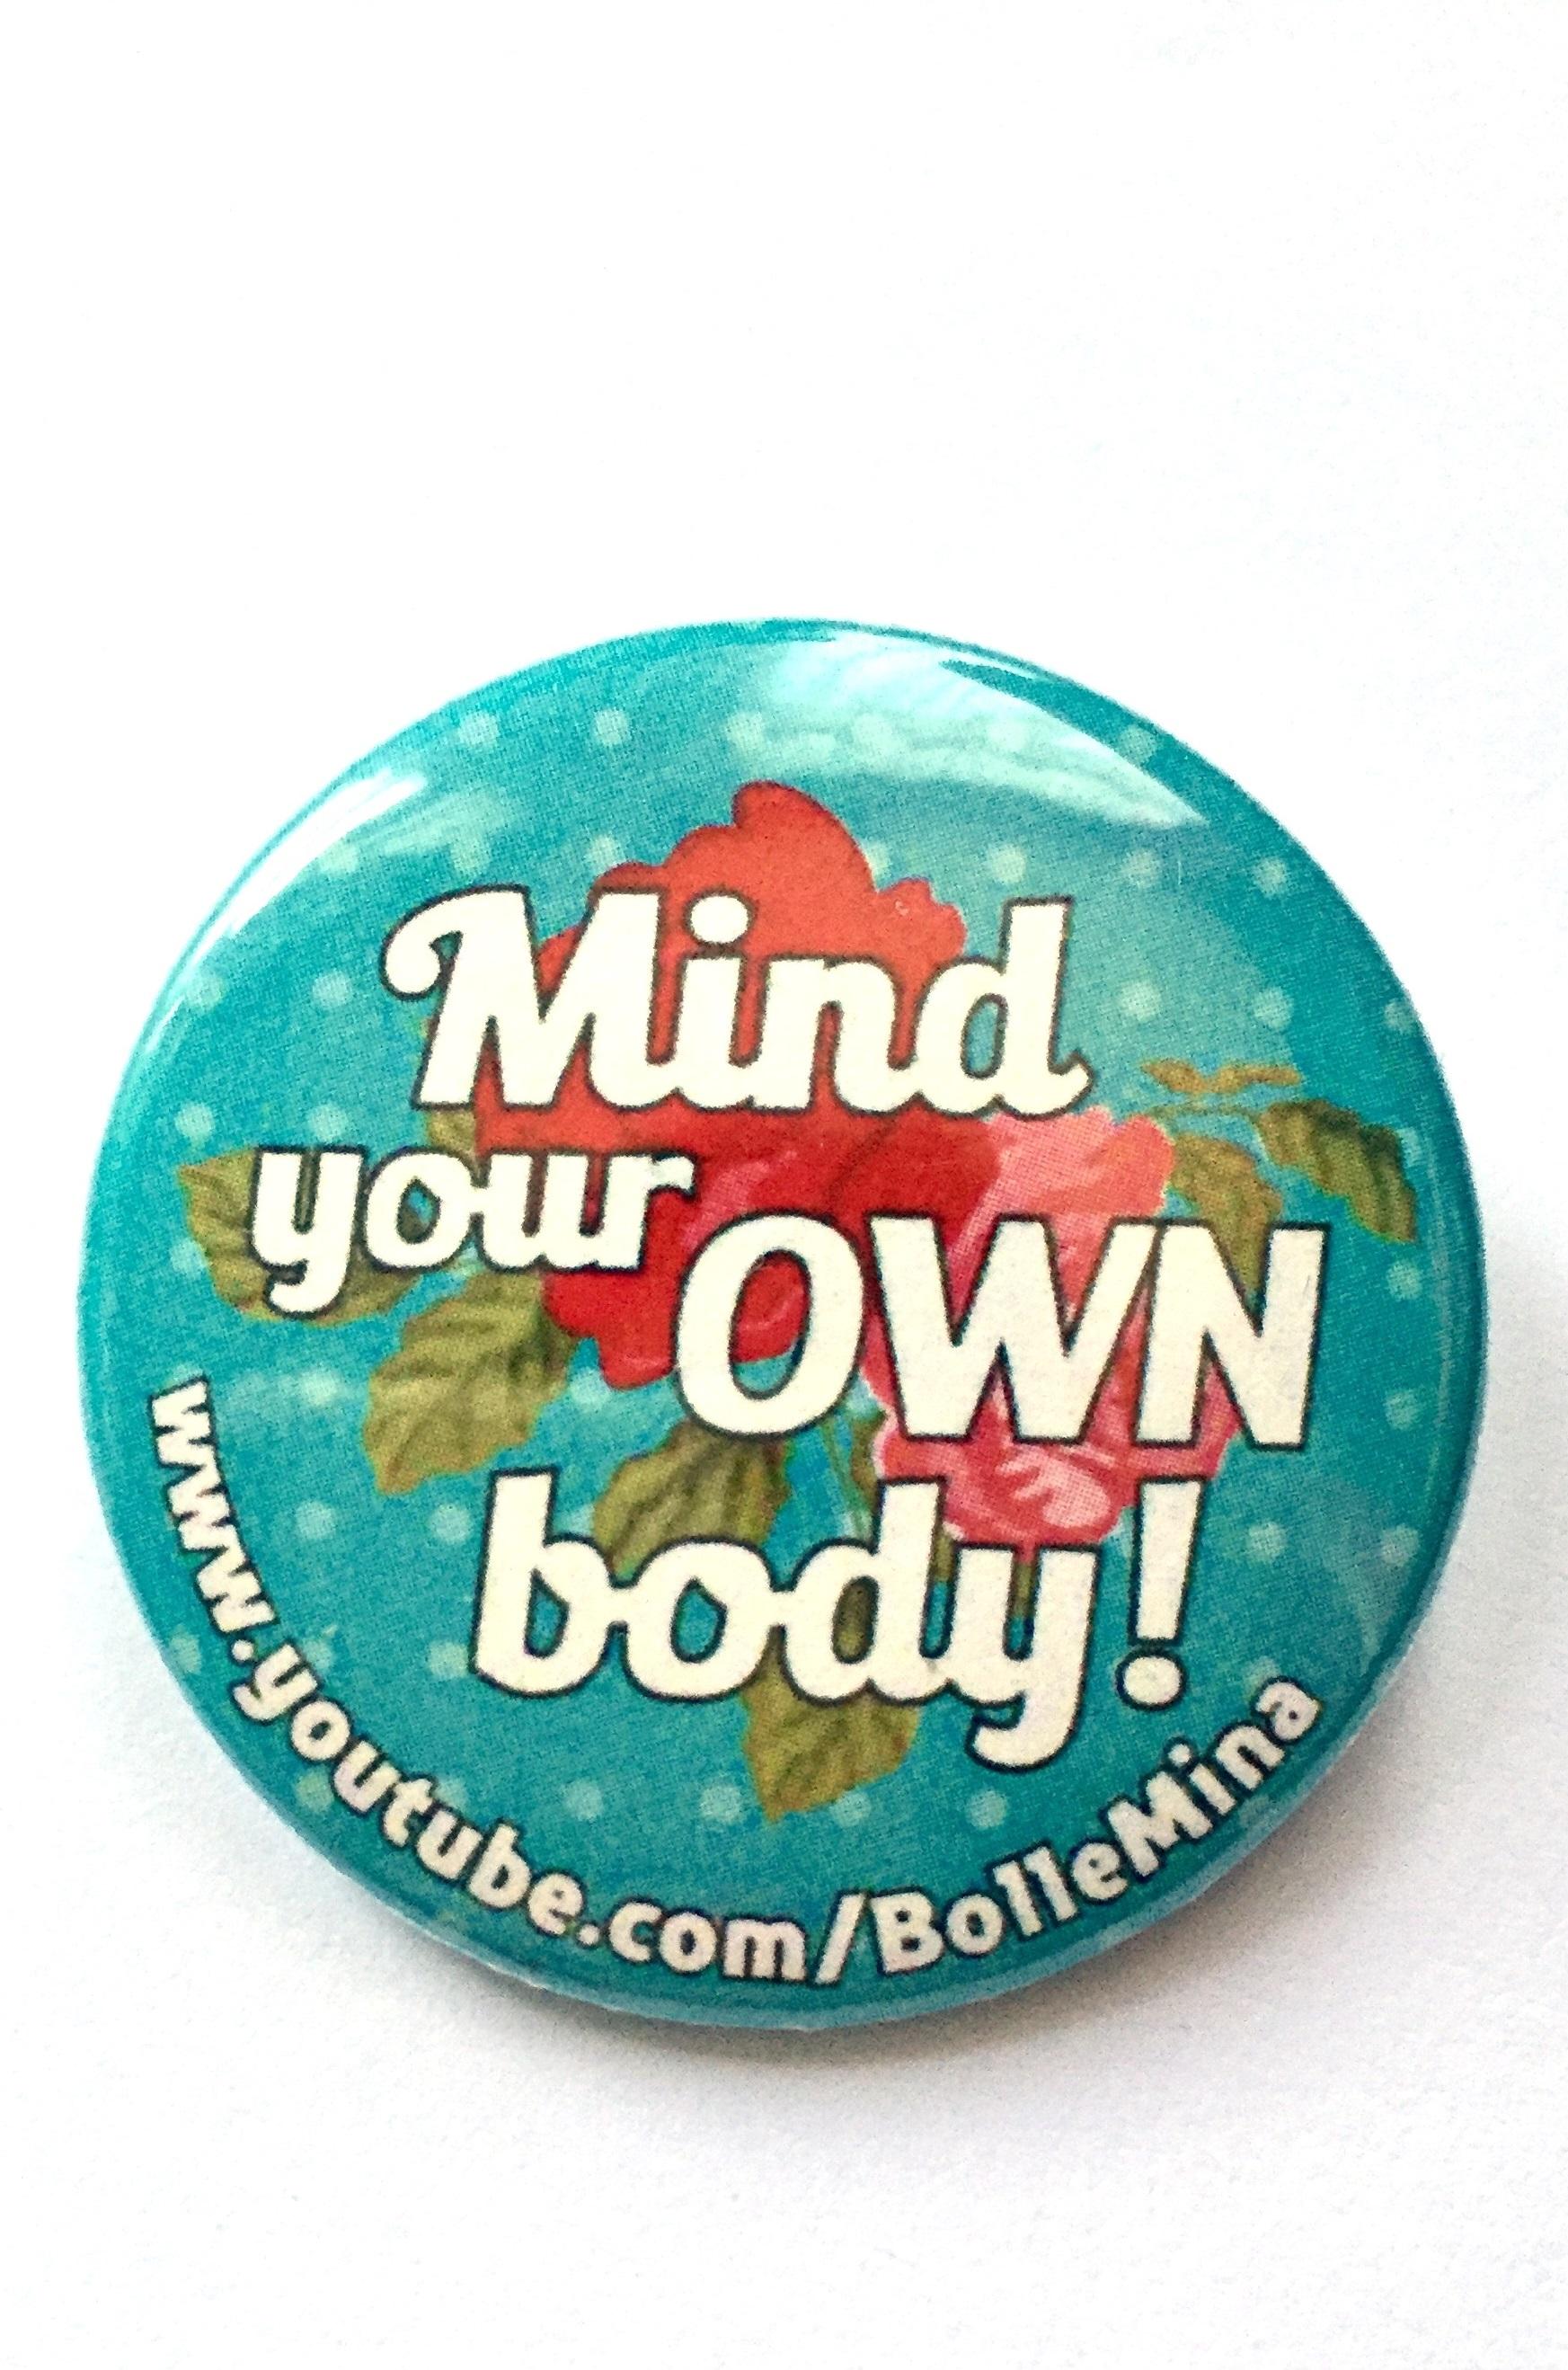 Foto van een button mt een turquoise achtergrond met lichtblauwe stipjes. Hierop een grote rood roze roos en in witte letters de tekst Mind your own body